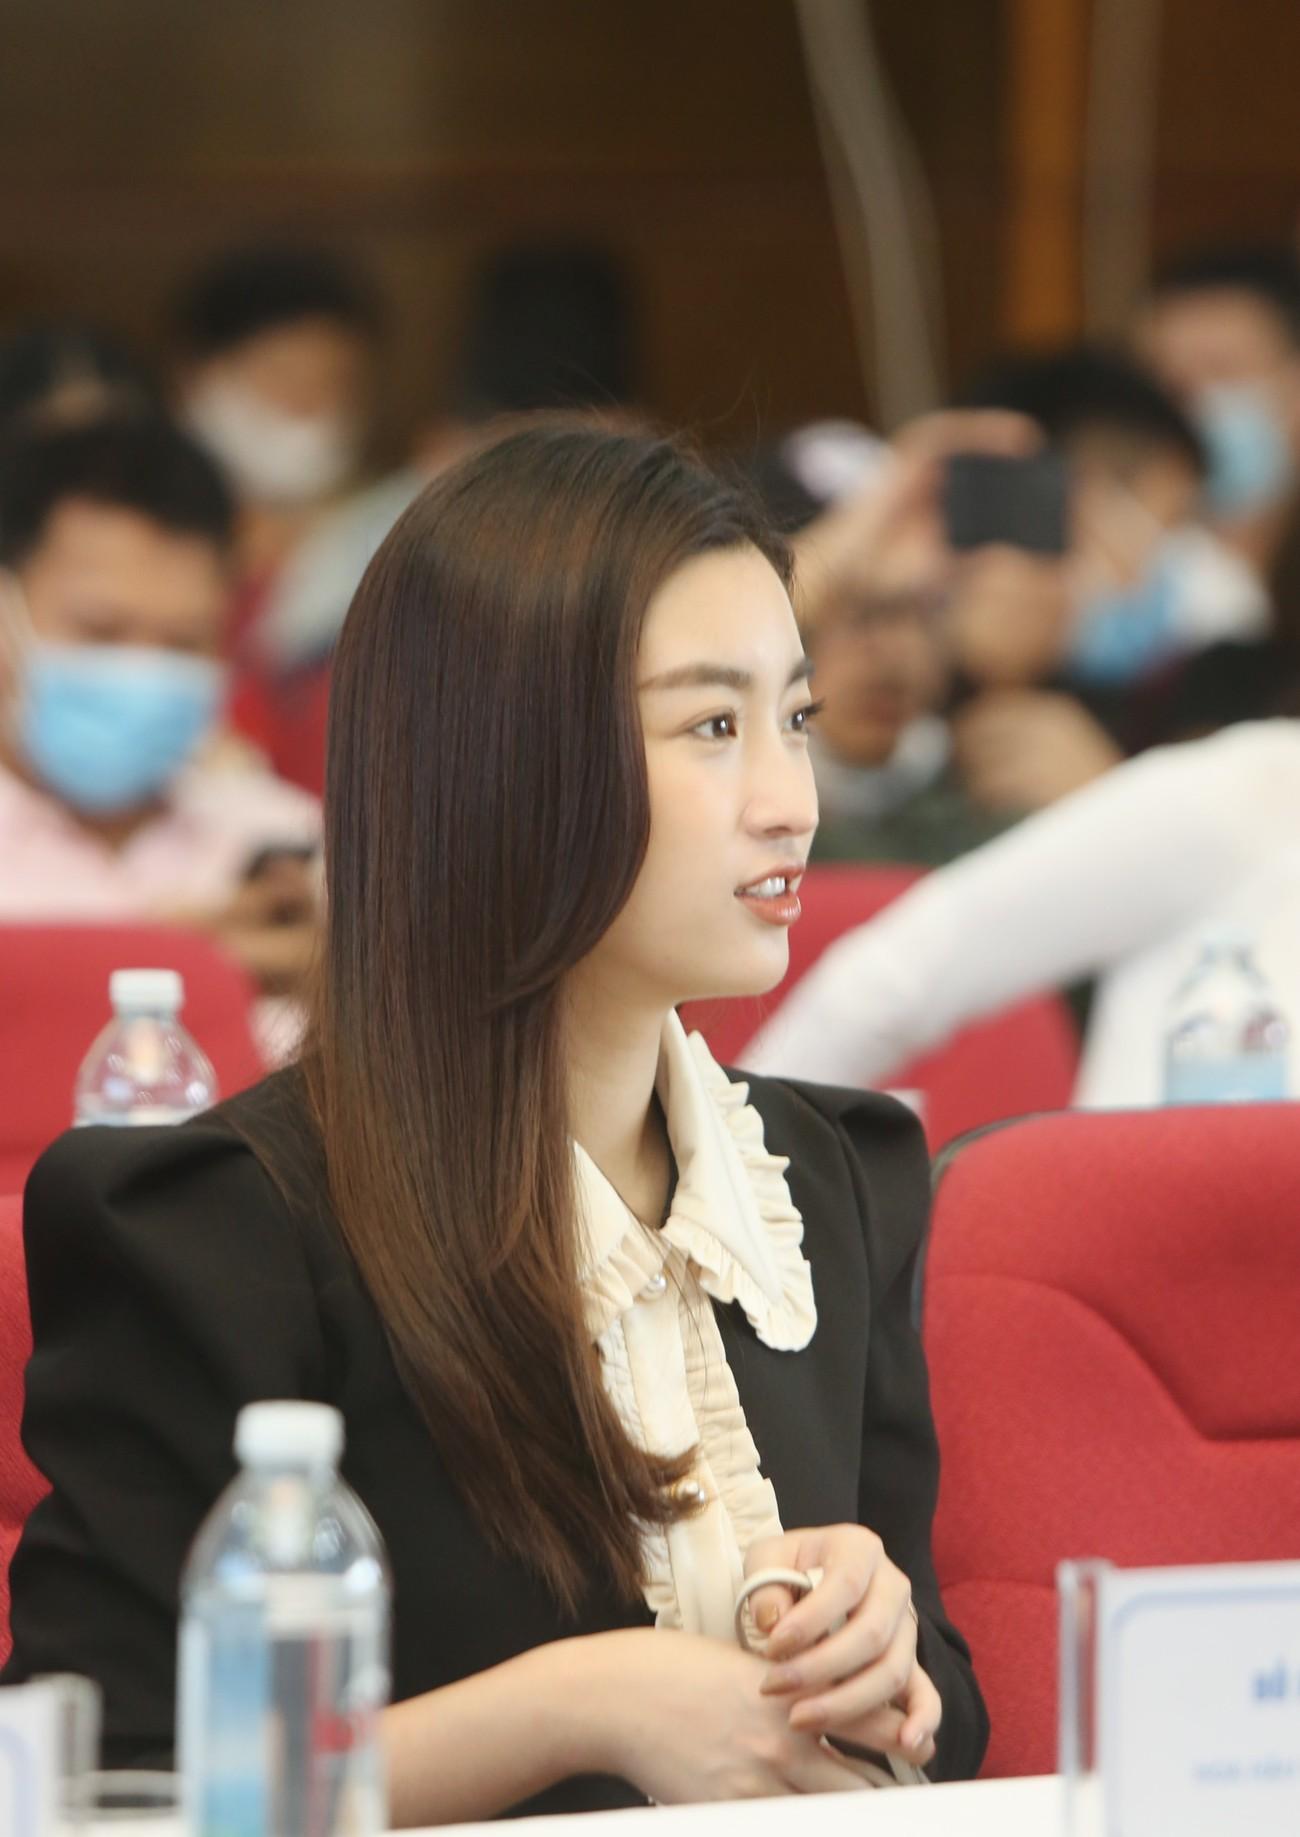 Hoa hậu Đỗ Mỹ Linh xinh đẹp rạng rỡ tại họp báo Tiền Phong Marathon 2021 ảnh 3